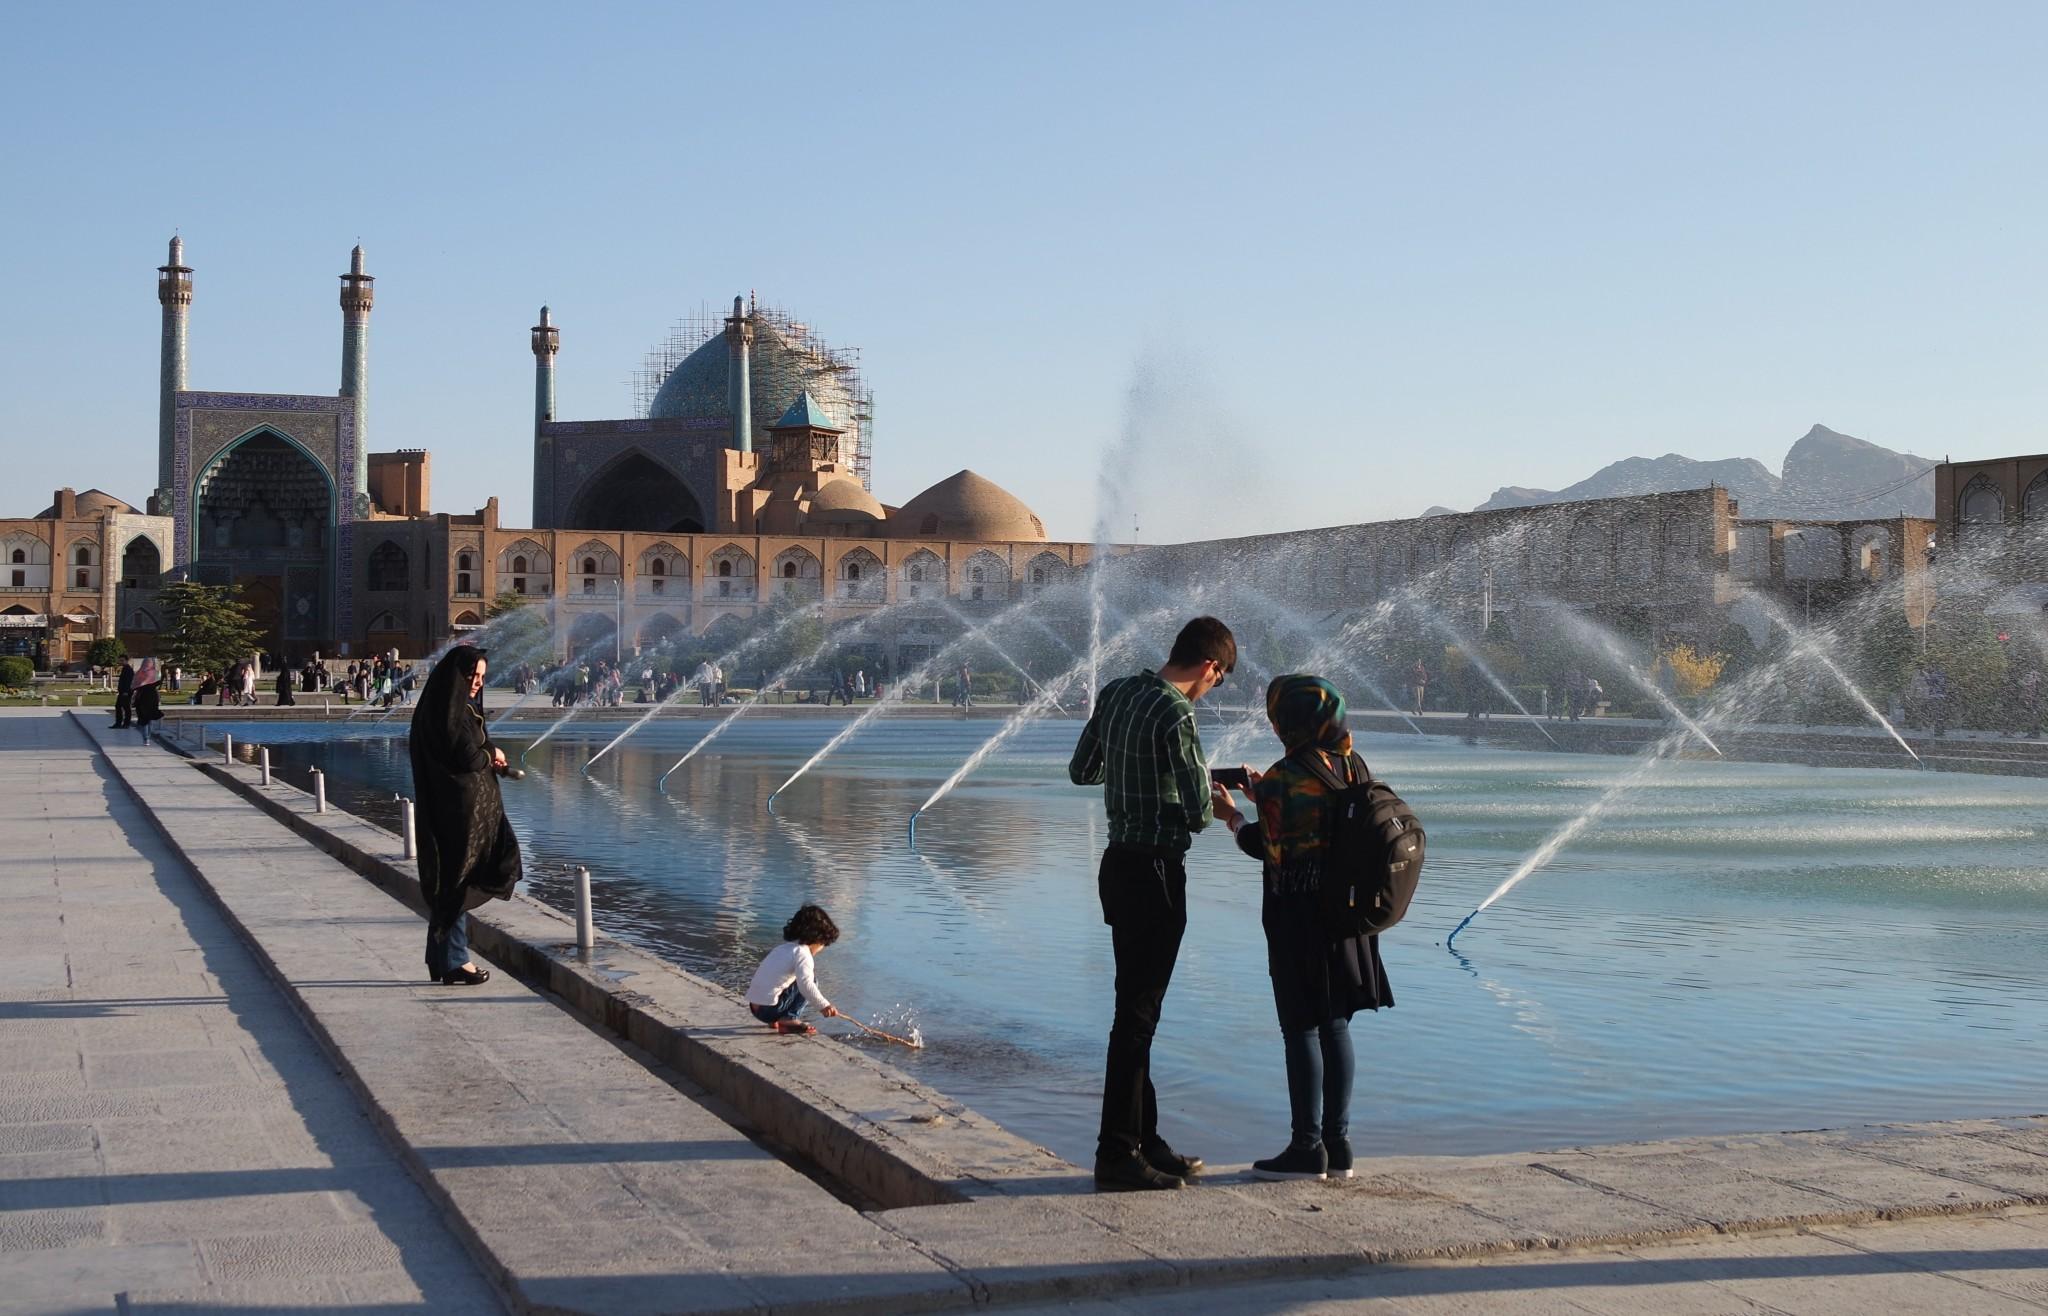 ploshchad-imama-fontani